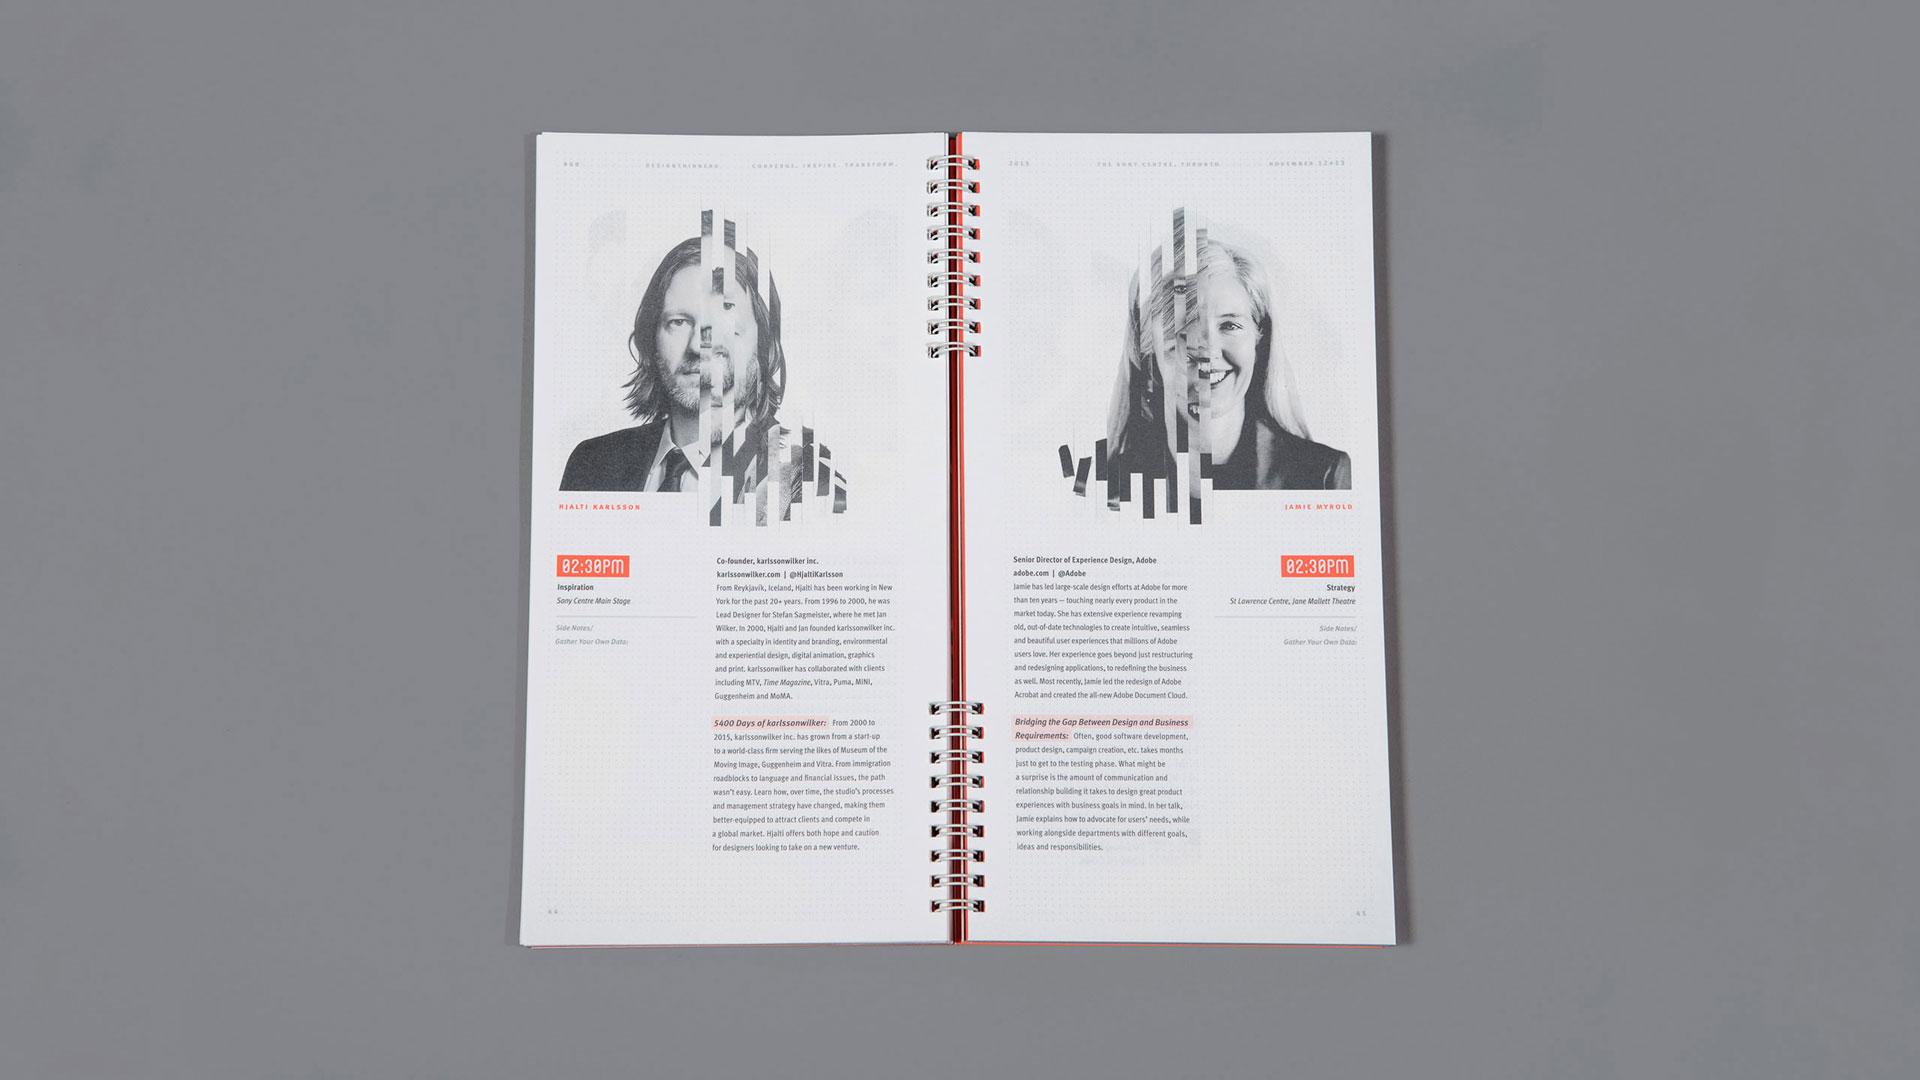 E poster design software - Speaker Program Spread